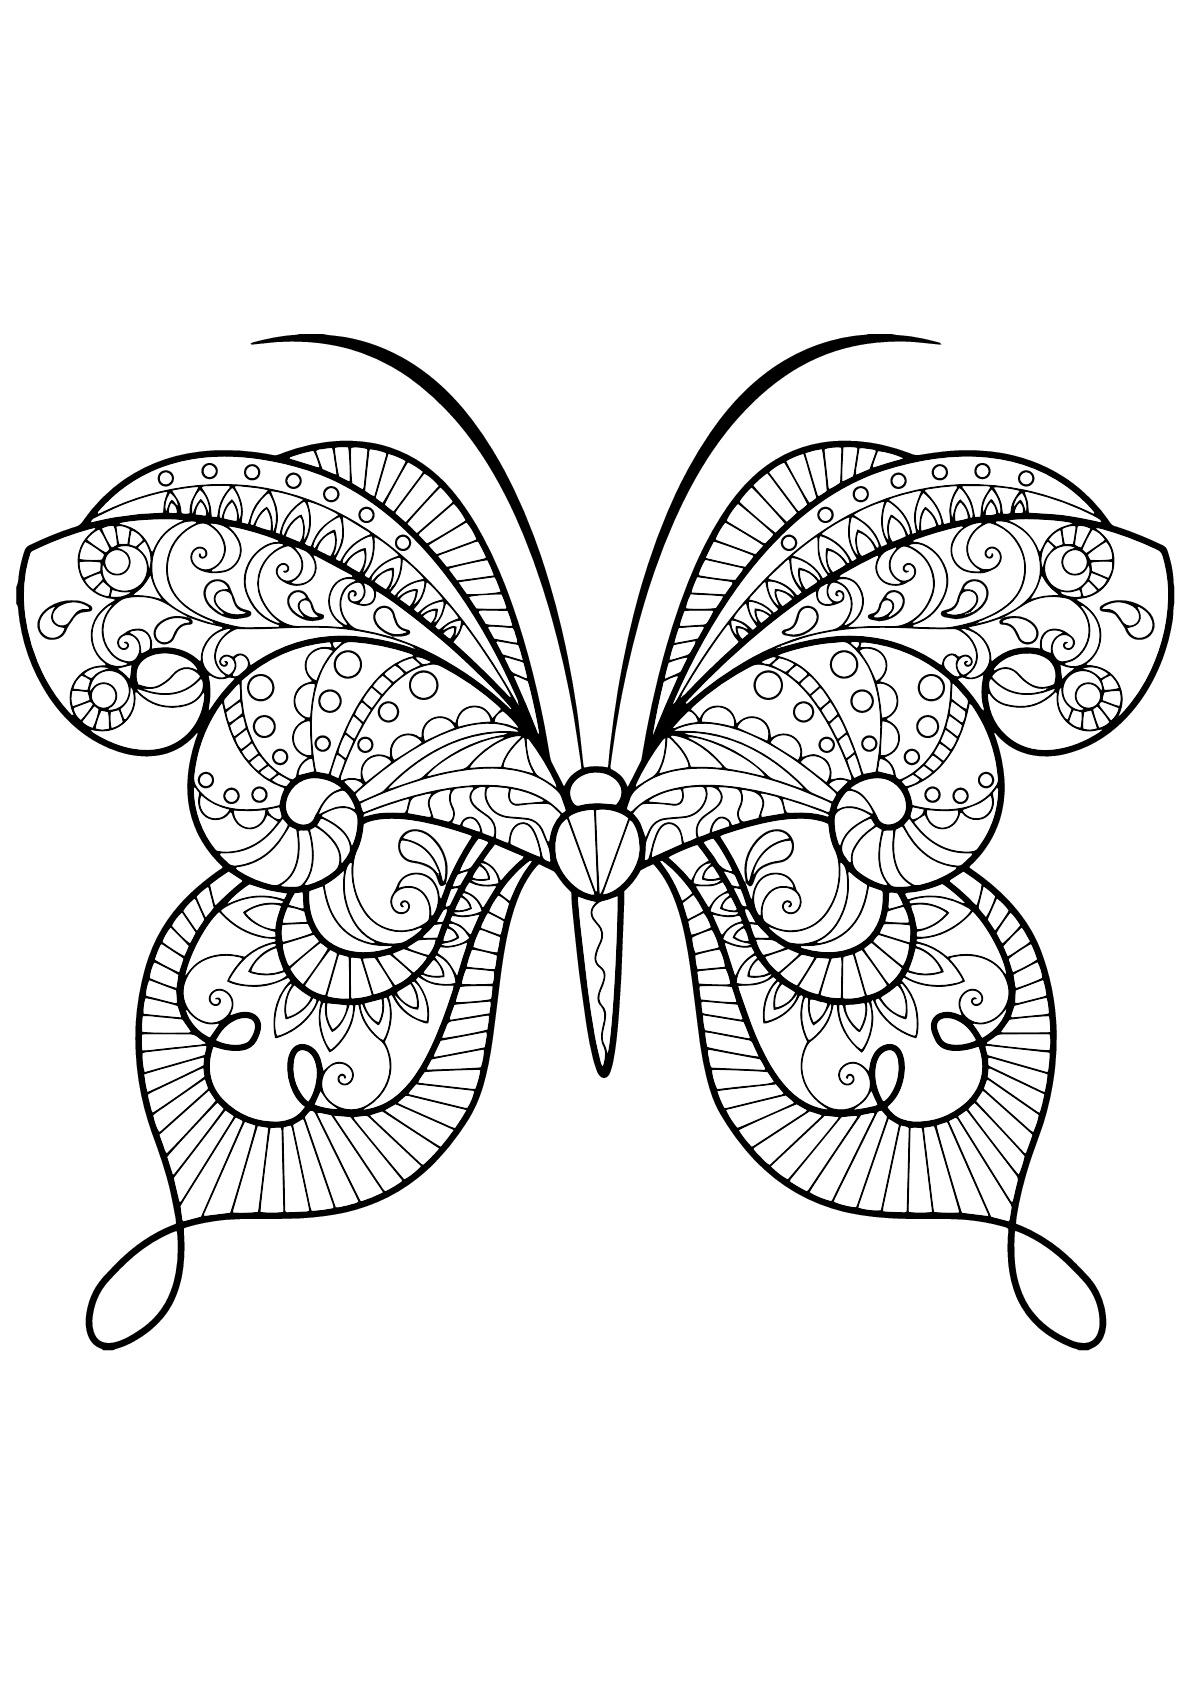 Insectos 37196 - Mariposas e insectos - Colorear para Adultos